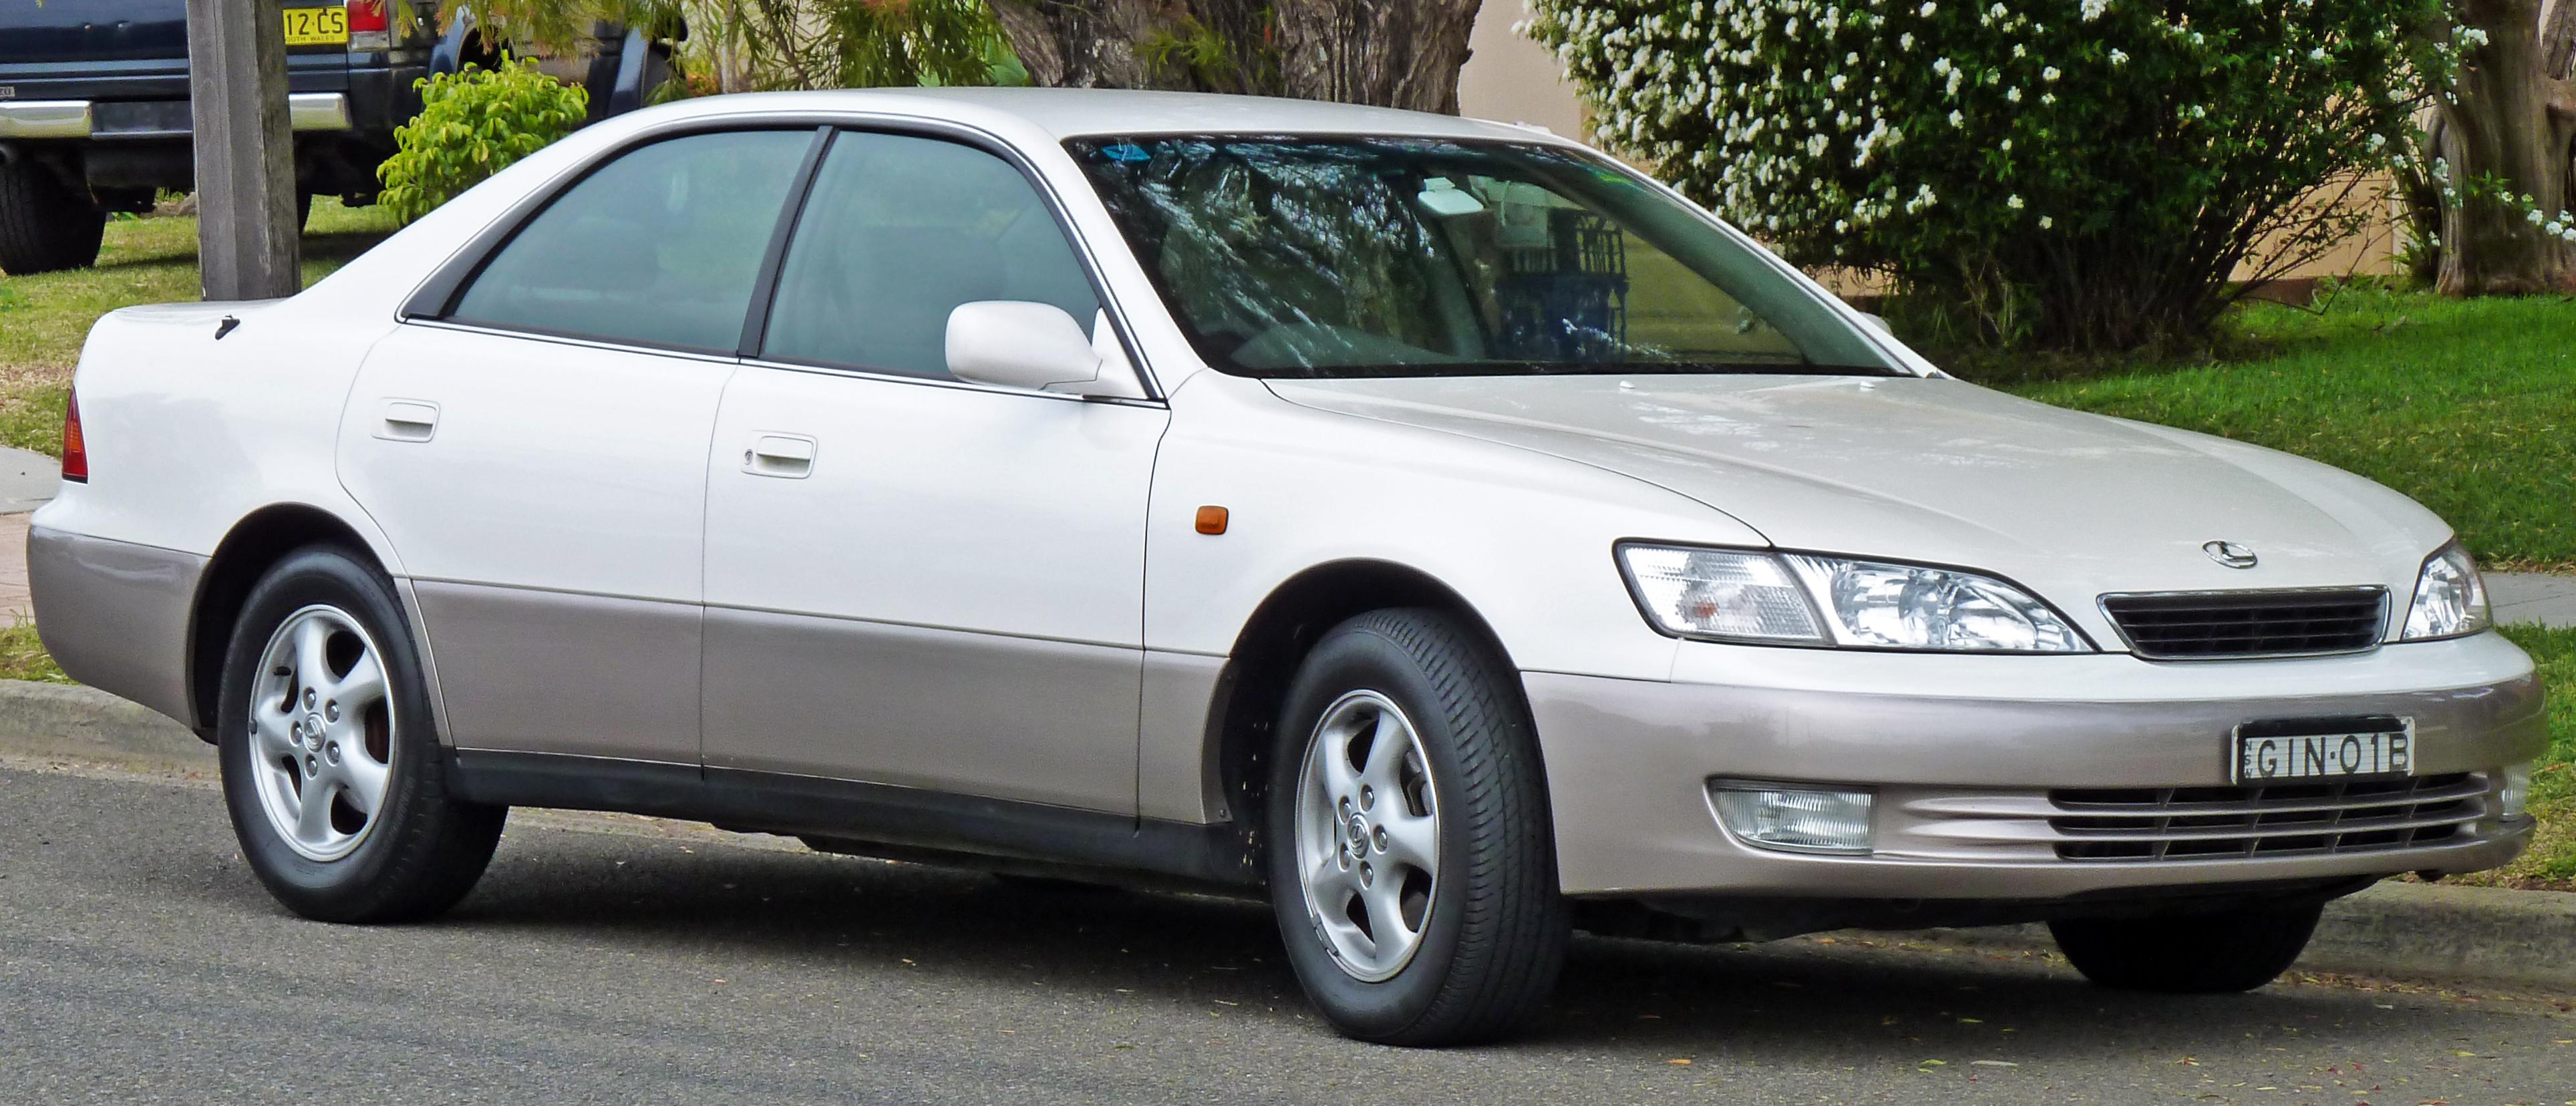 Hyundai Terracan 2004 in addition Lexus Ls 430 White 3 moreover 4819 1999 Lexus Es 300 3 also Photo New Car Lexus Rx200t Regular Interior Colors further Lexus Es 300h Black 3. on lexus model 3